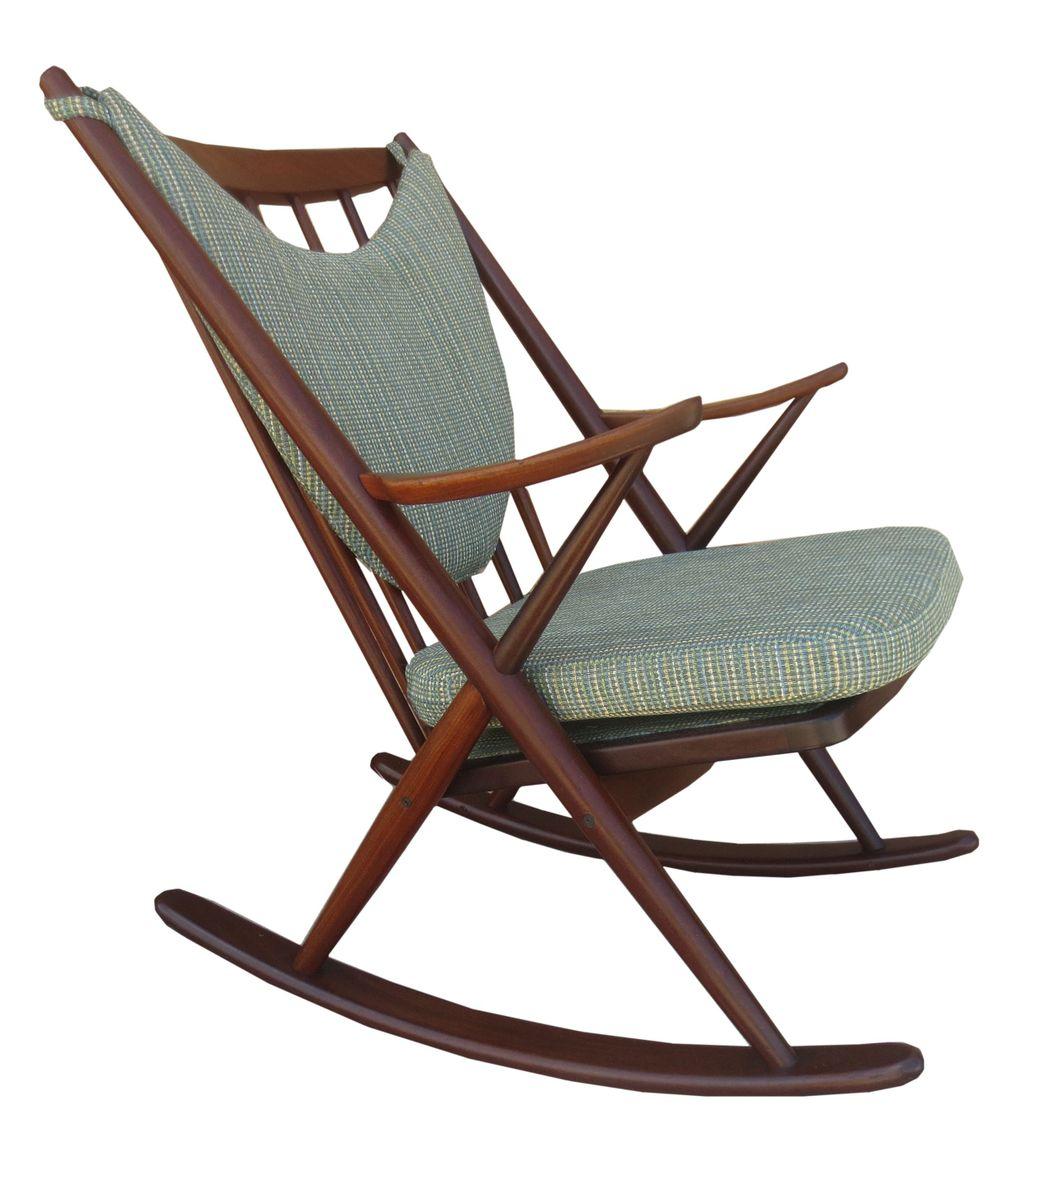 Frank reenskaug rocking chair - Teak Rocker By Frank Reenskaug For Bramin 1953